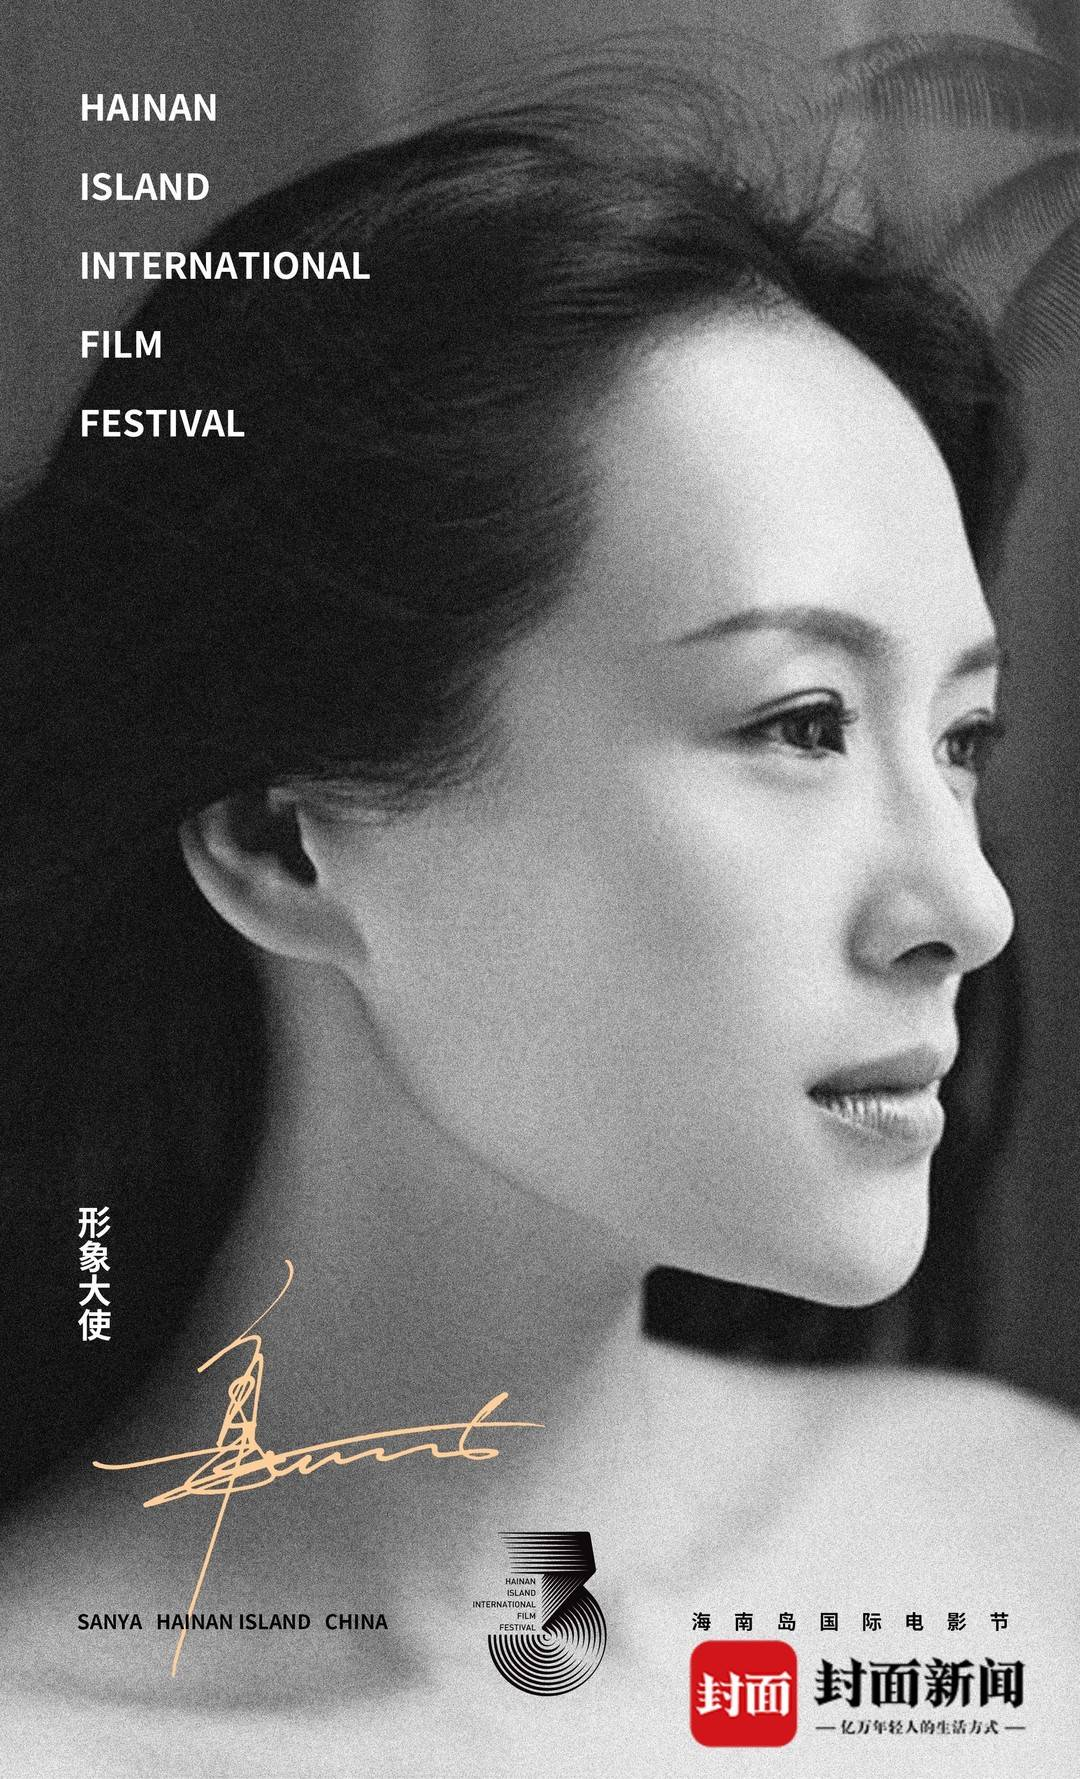 章子怡担任2020海南岛国际电影节形象大使